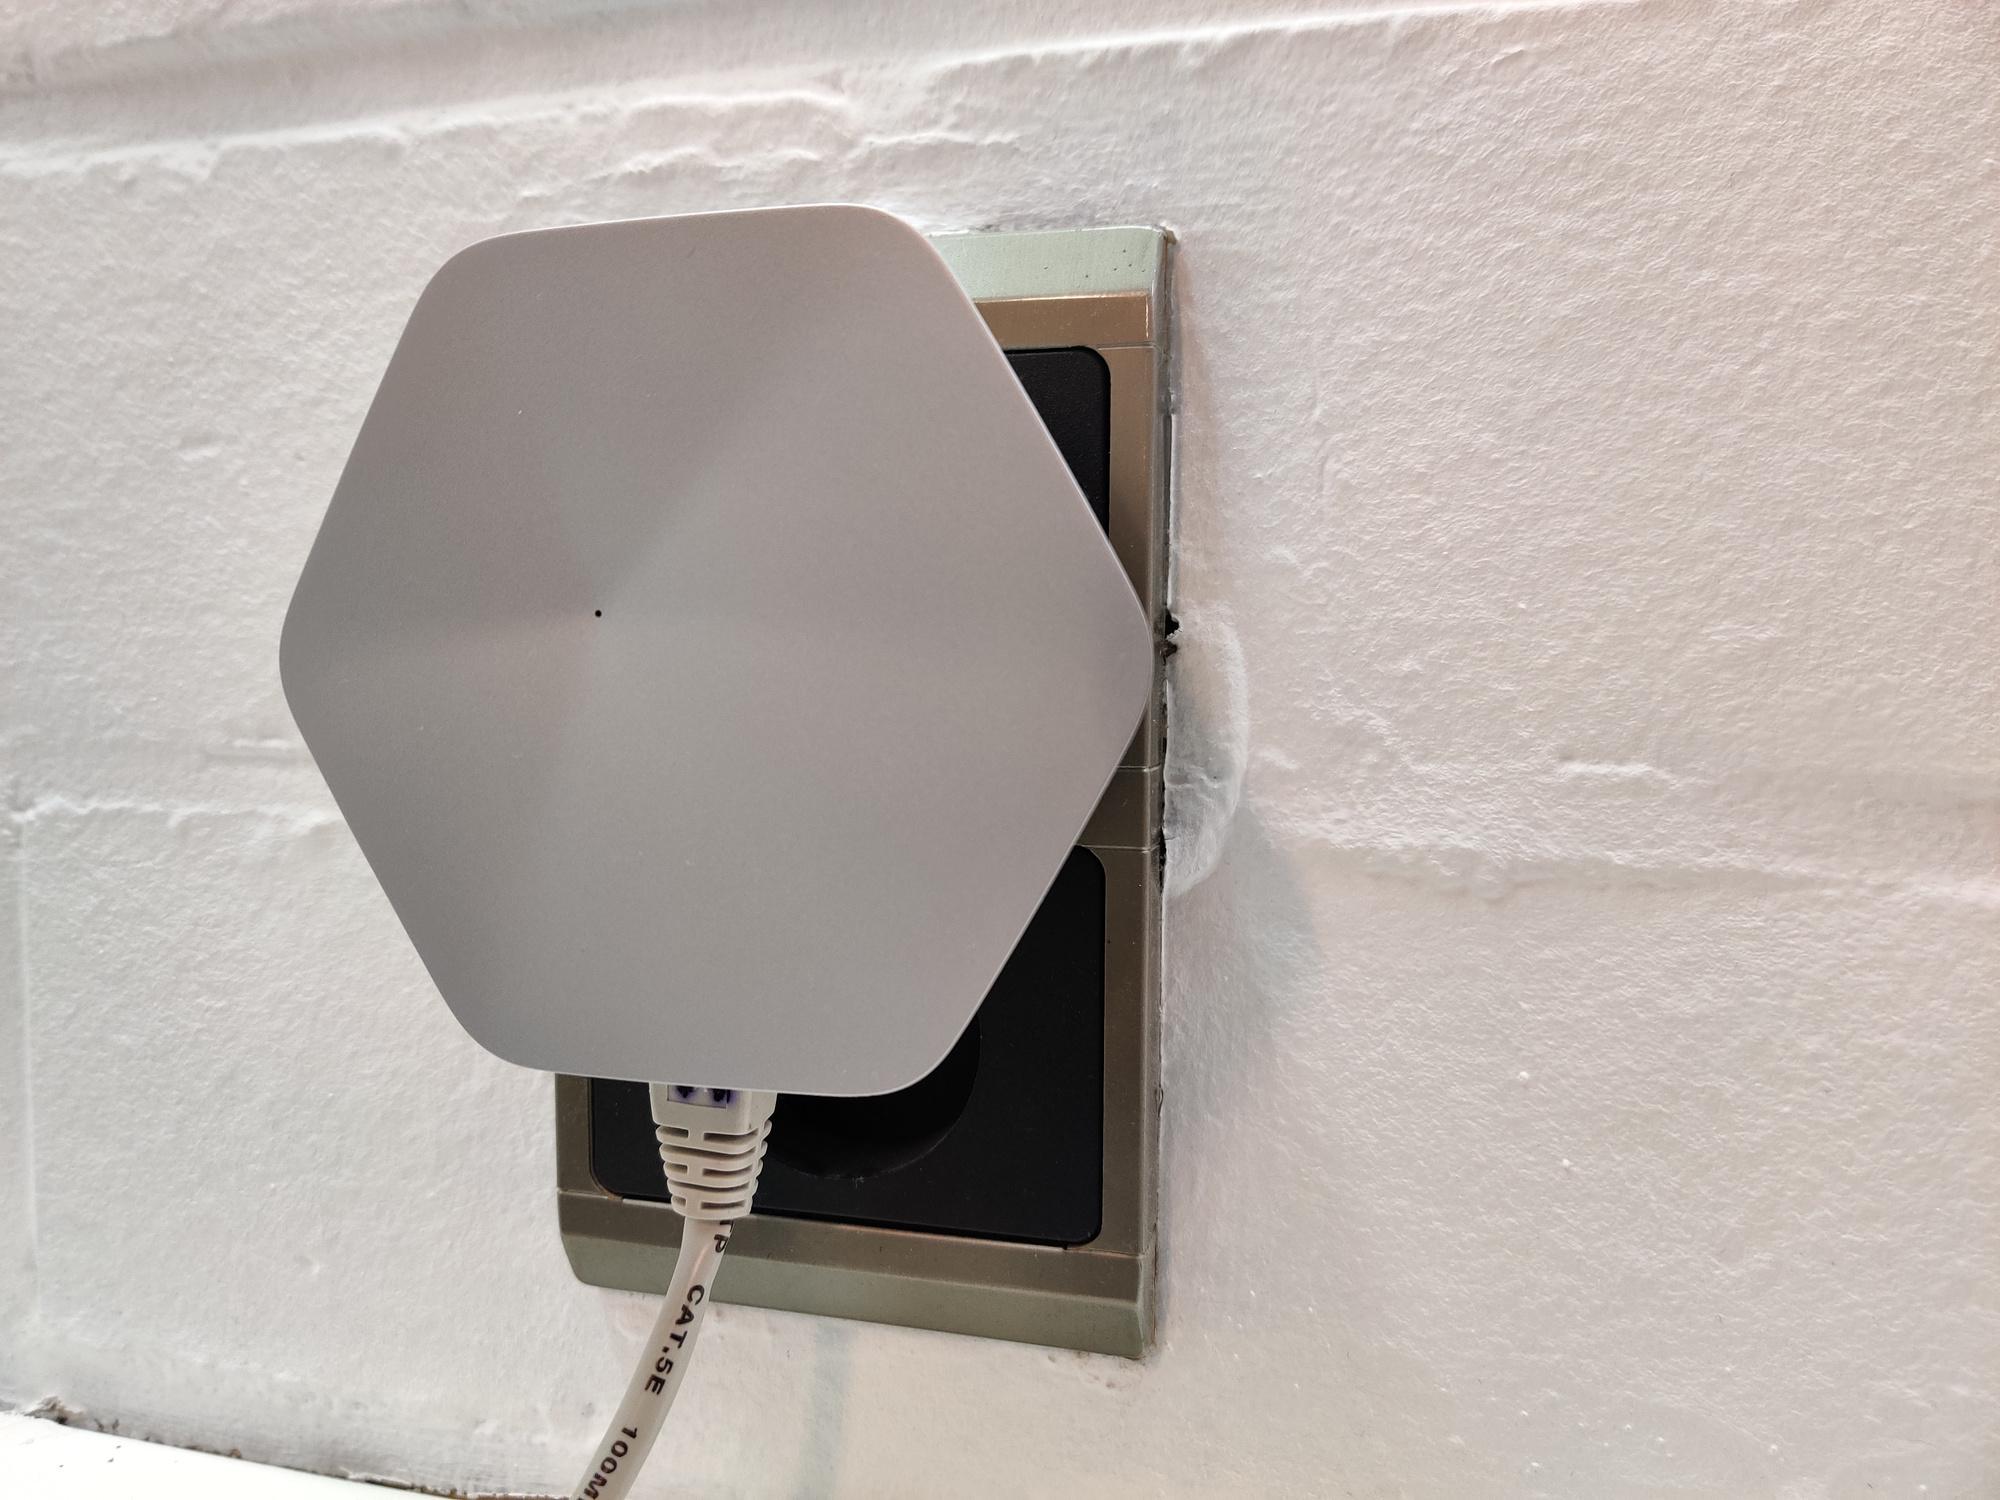 Een Superpod stop je in het stopcontact en heeft twee ethernetpoorten. De eerste Superpod sluit je aan op je router/modem. De anderen plaats je in ruimtes waar je het netwerk wil versterken of uitbreiden., PVL